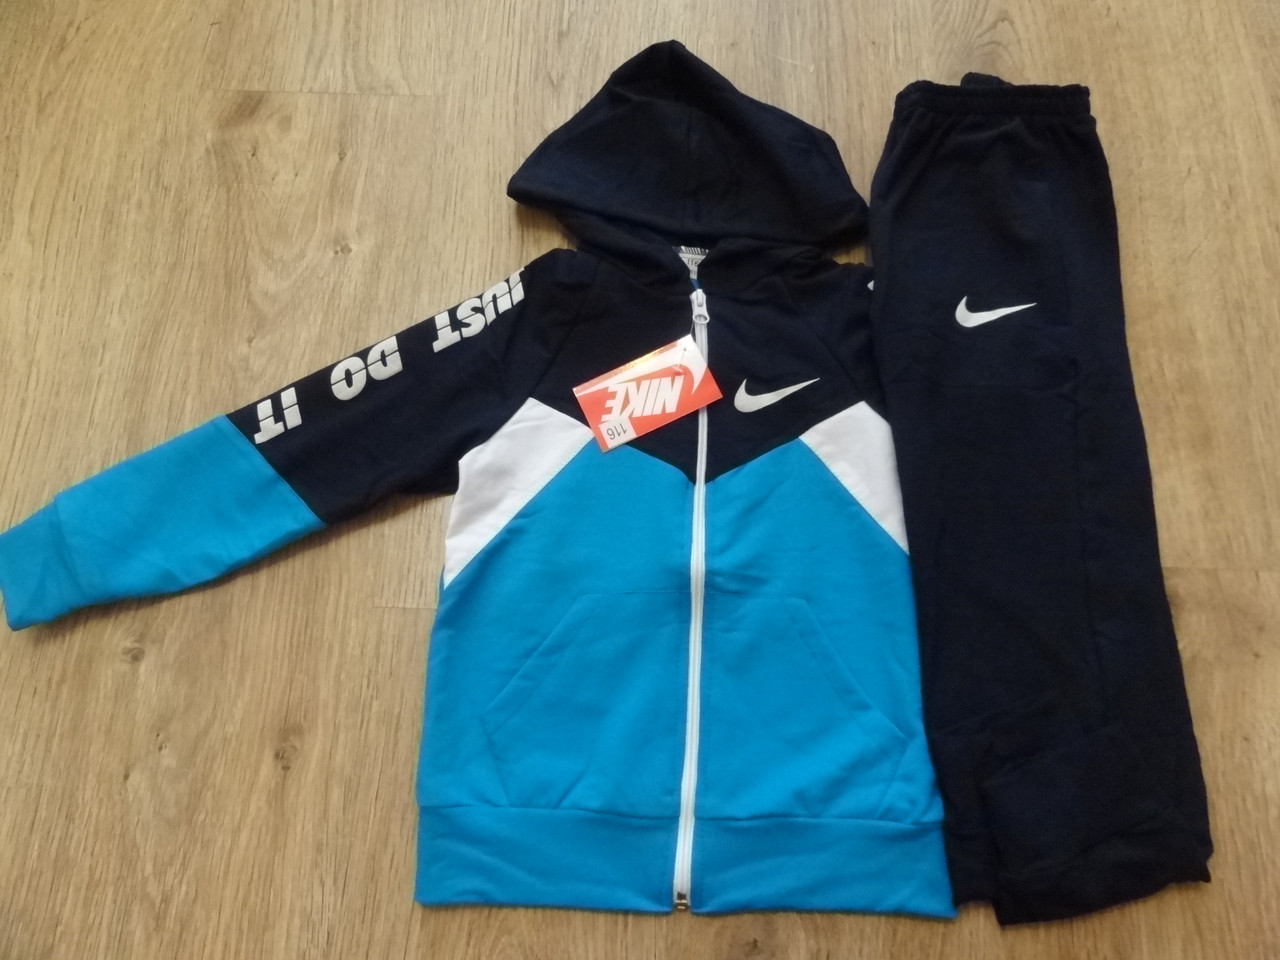 ec05a95e Спортивный Костюм для Мальчика Nike 116-128. — в Категории ...